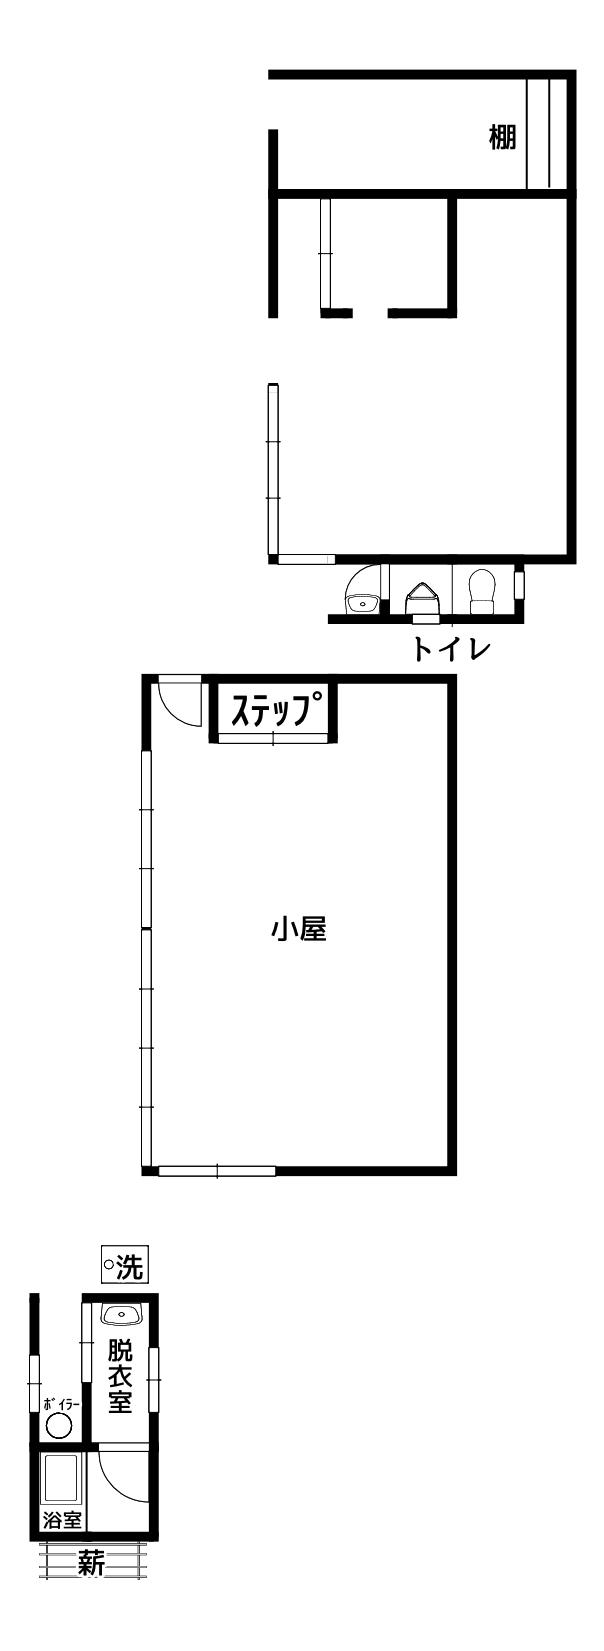 88f3d88305766c83479e72d89e1621b8 - 【木津川市加茂町】中古戸建。敷地面積600坪以上。